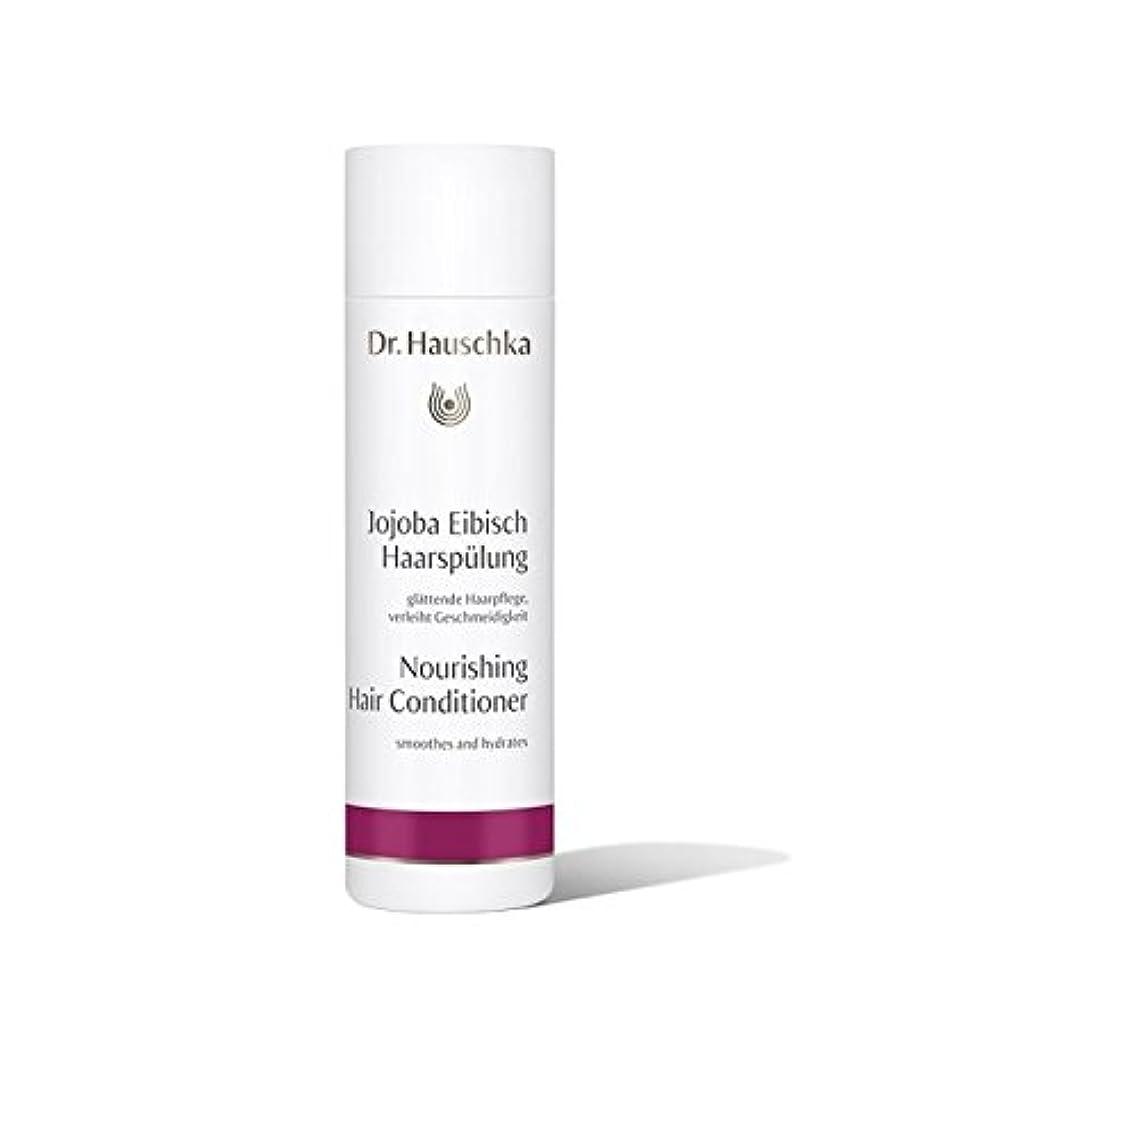 パール毎日疑いハウシュカ栄養ヘアコンディショナー(200ミリリットル) x4 - Dr. Hauschka Nourishing Hair Conditioner (200ml) (Pack of 4) [並行輸入品]